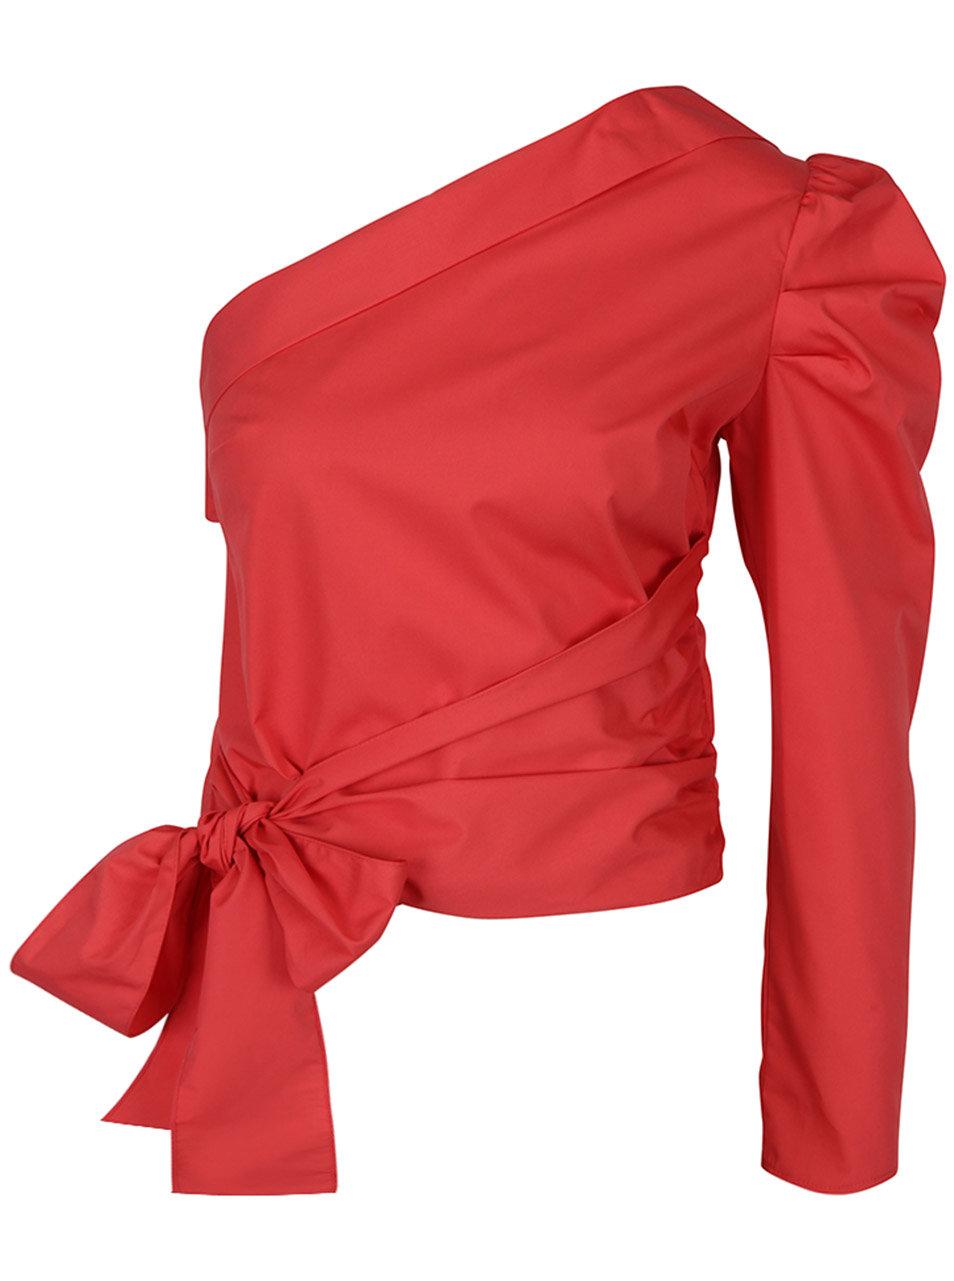 ad45976aba Červená asymetrická blúzka s mašľou Miss Selfridge ...